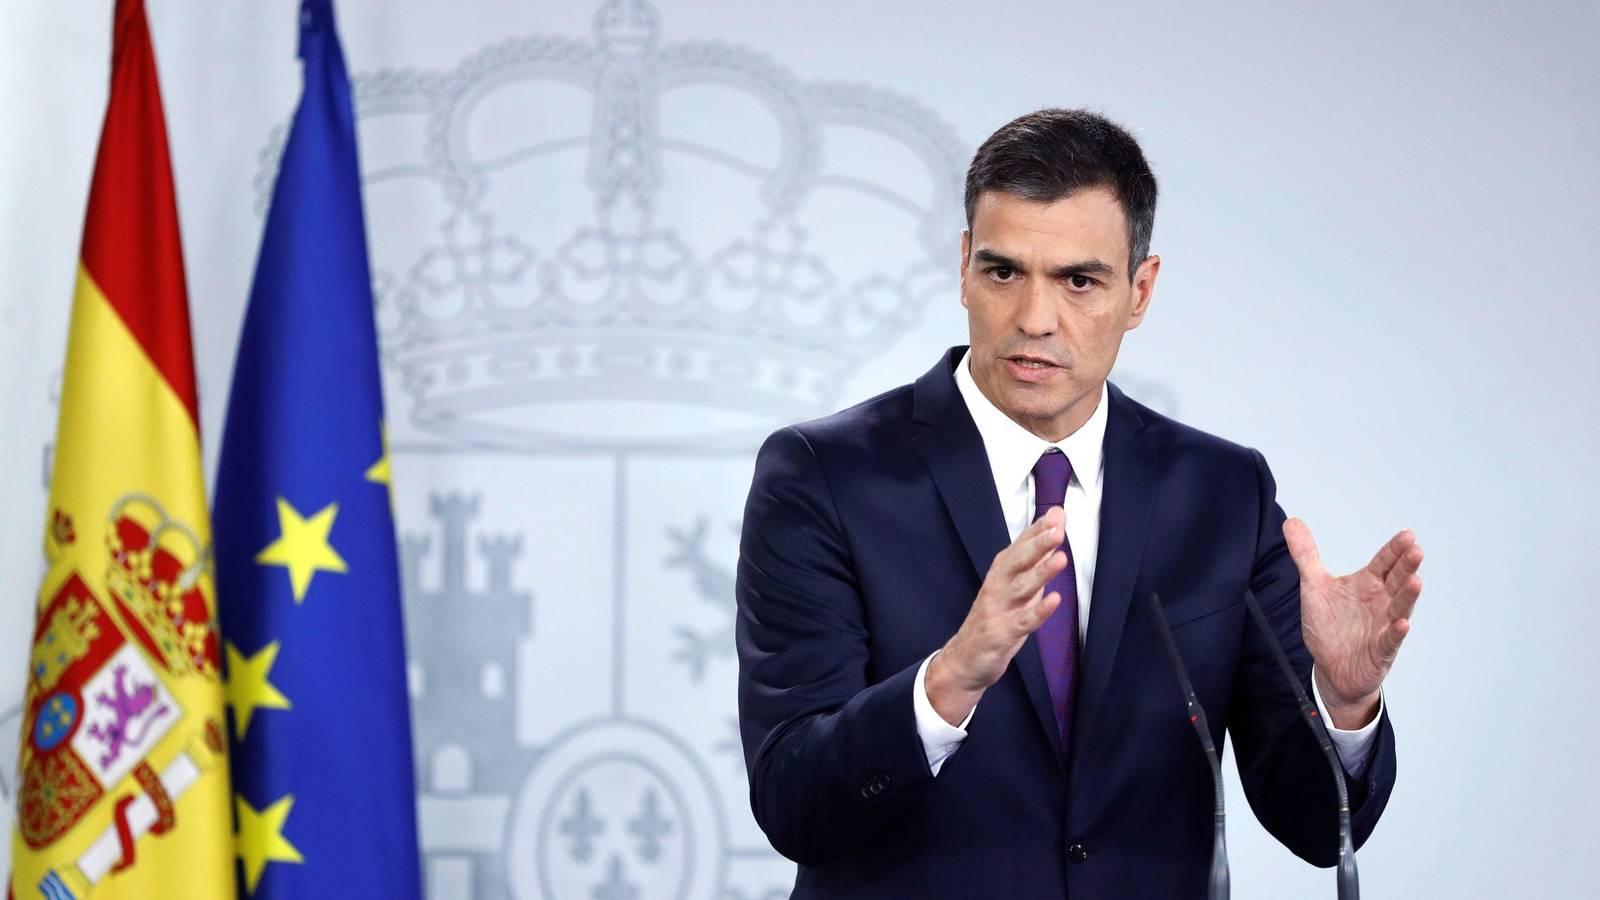 Encallan las negociaciones entre el Gobierno y los independentistas